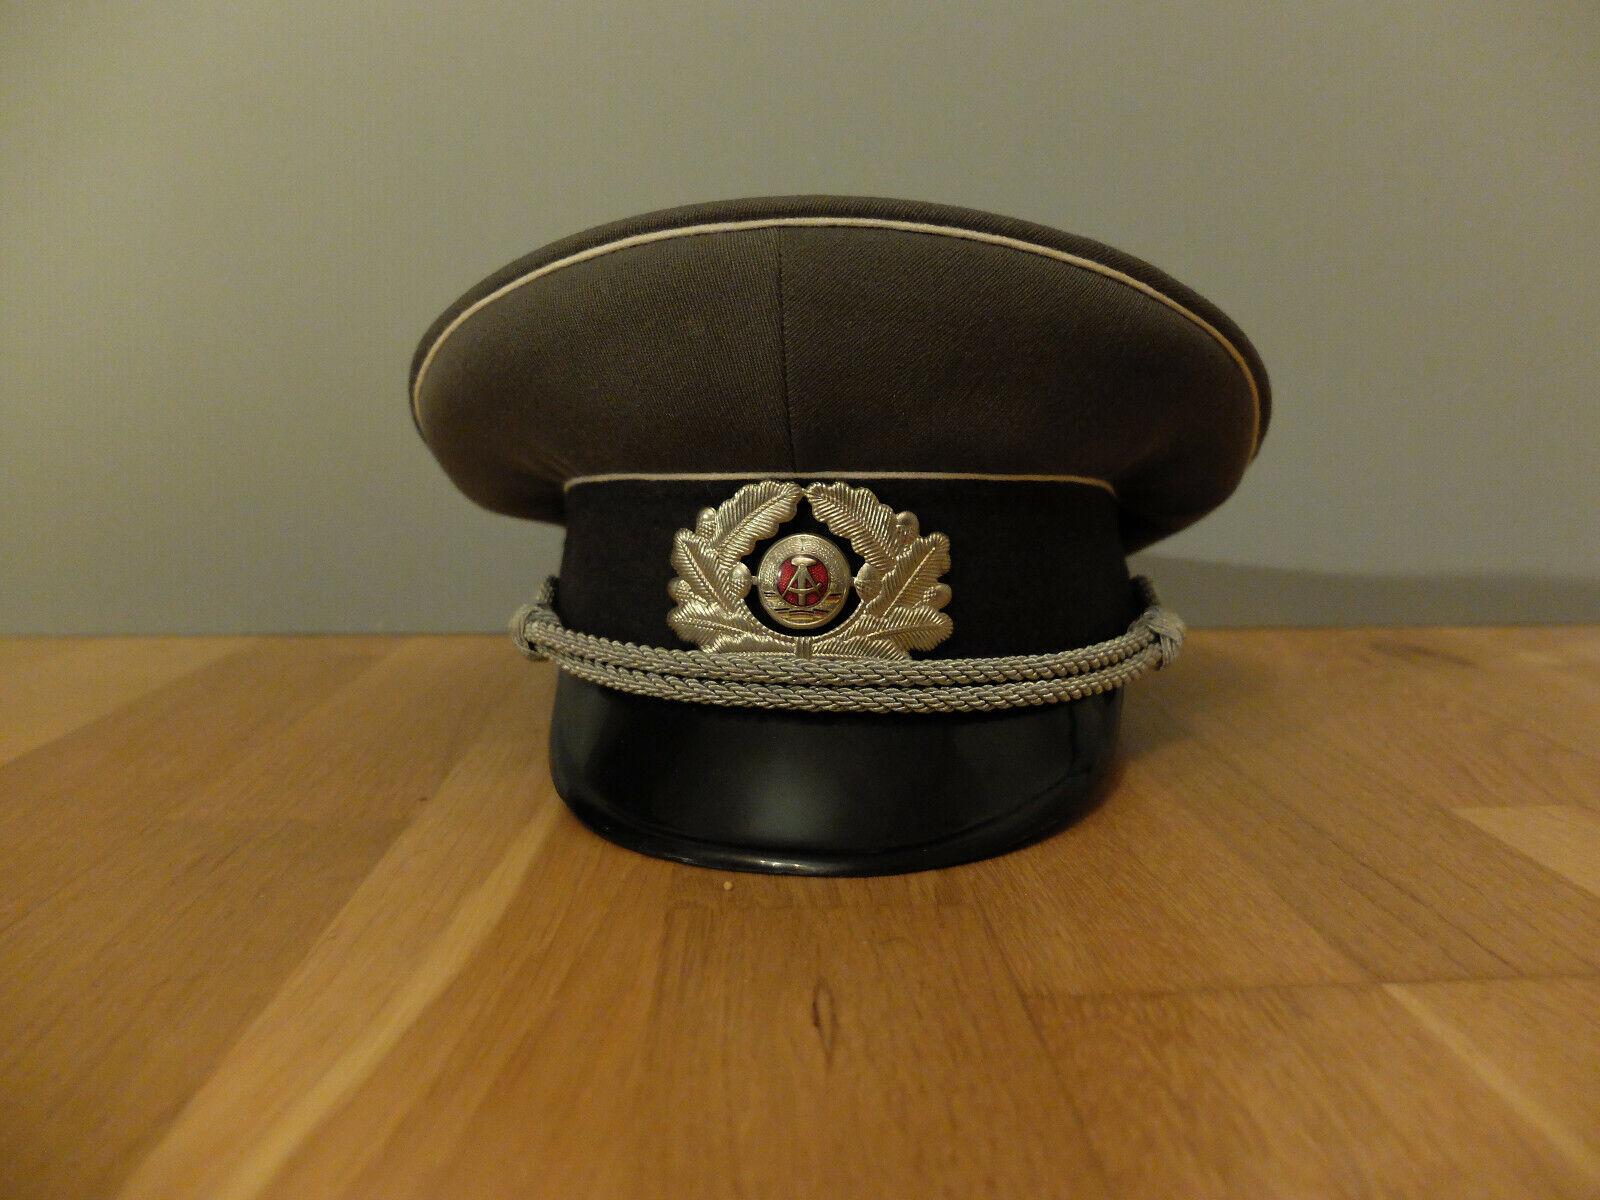 Bild 1 - Schirmmütze NVA Offiziere Landstreitkräfte DDR, Größe 58